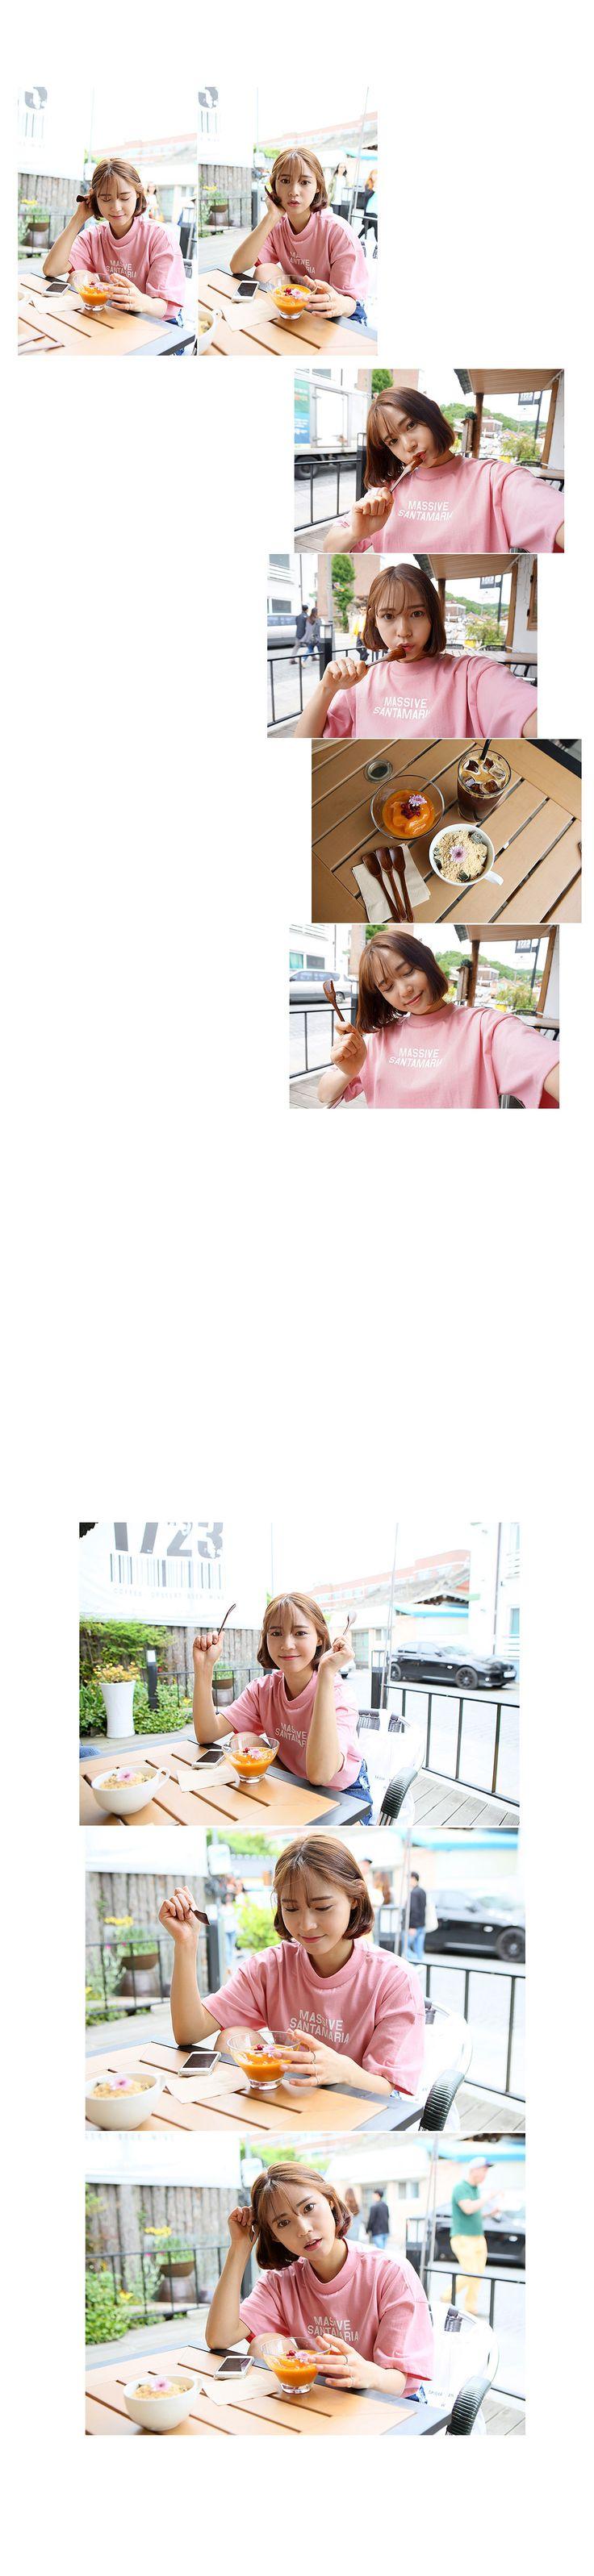 プチハイネックロゴカットソー - 激安カジュアルファッション通販《GOGOSING》♥安カワな人気レディースファッションが続々入荷中!!